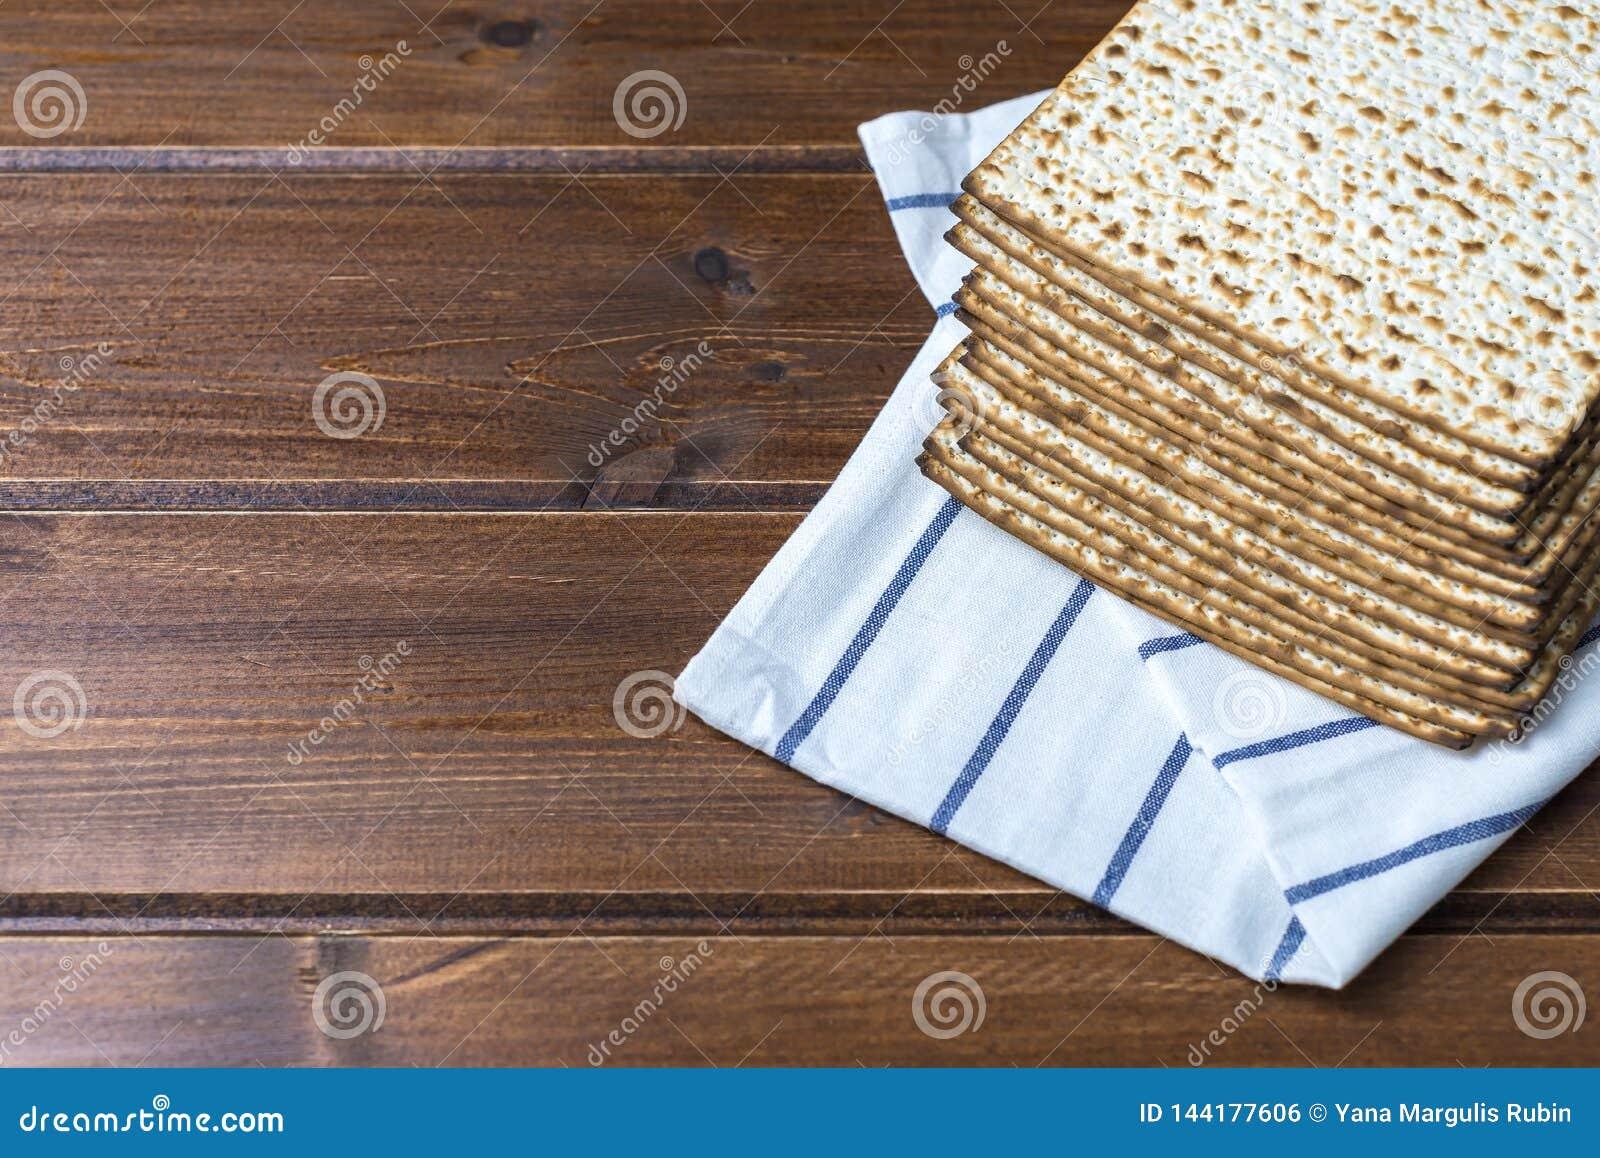 Pile de matzah ou de matza sur une table en bois